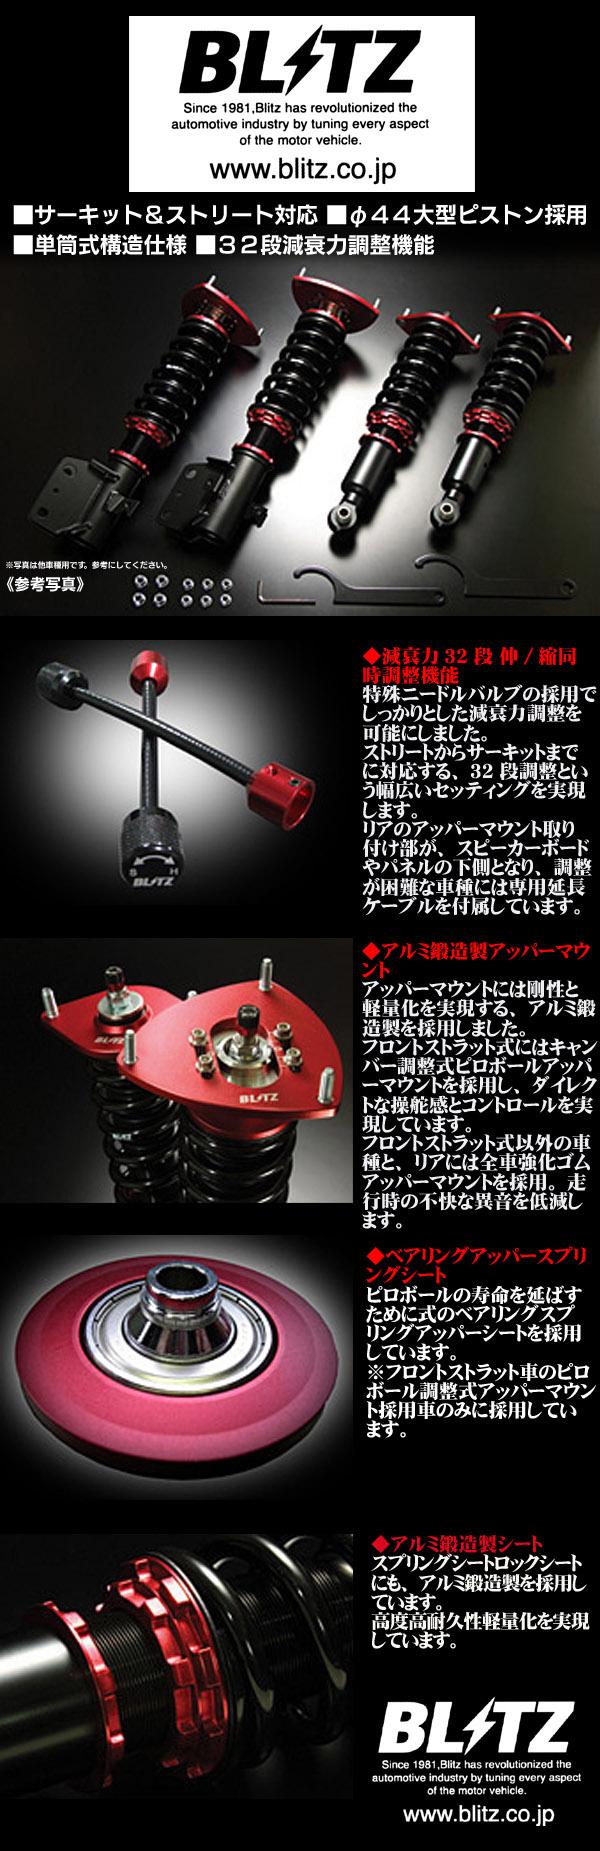 BLITZ ブリッツ ZZ-R 車高調ダンパー/全長調整式減衰力32段【送料無料】